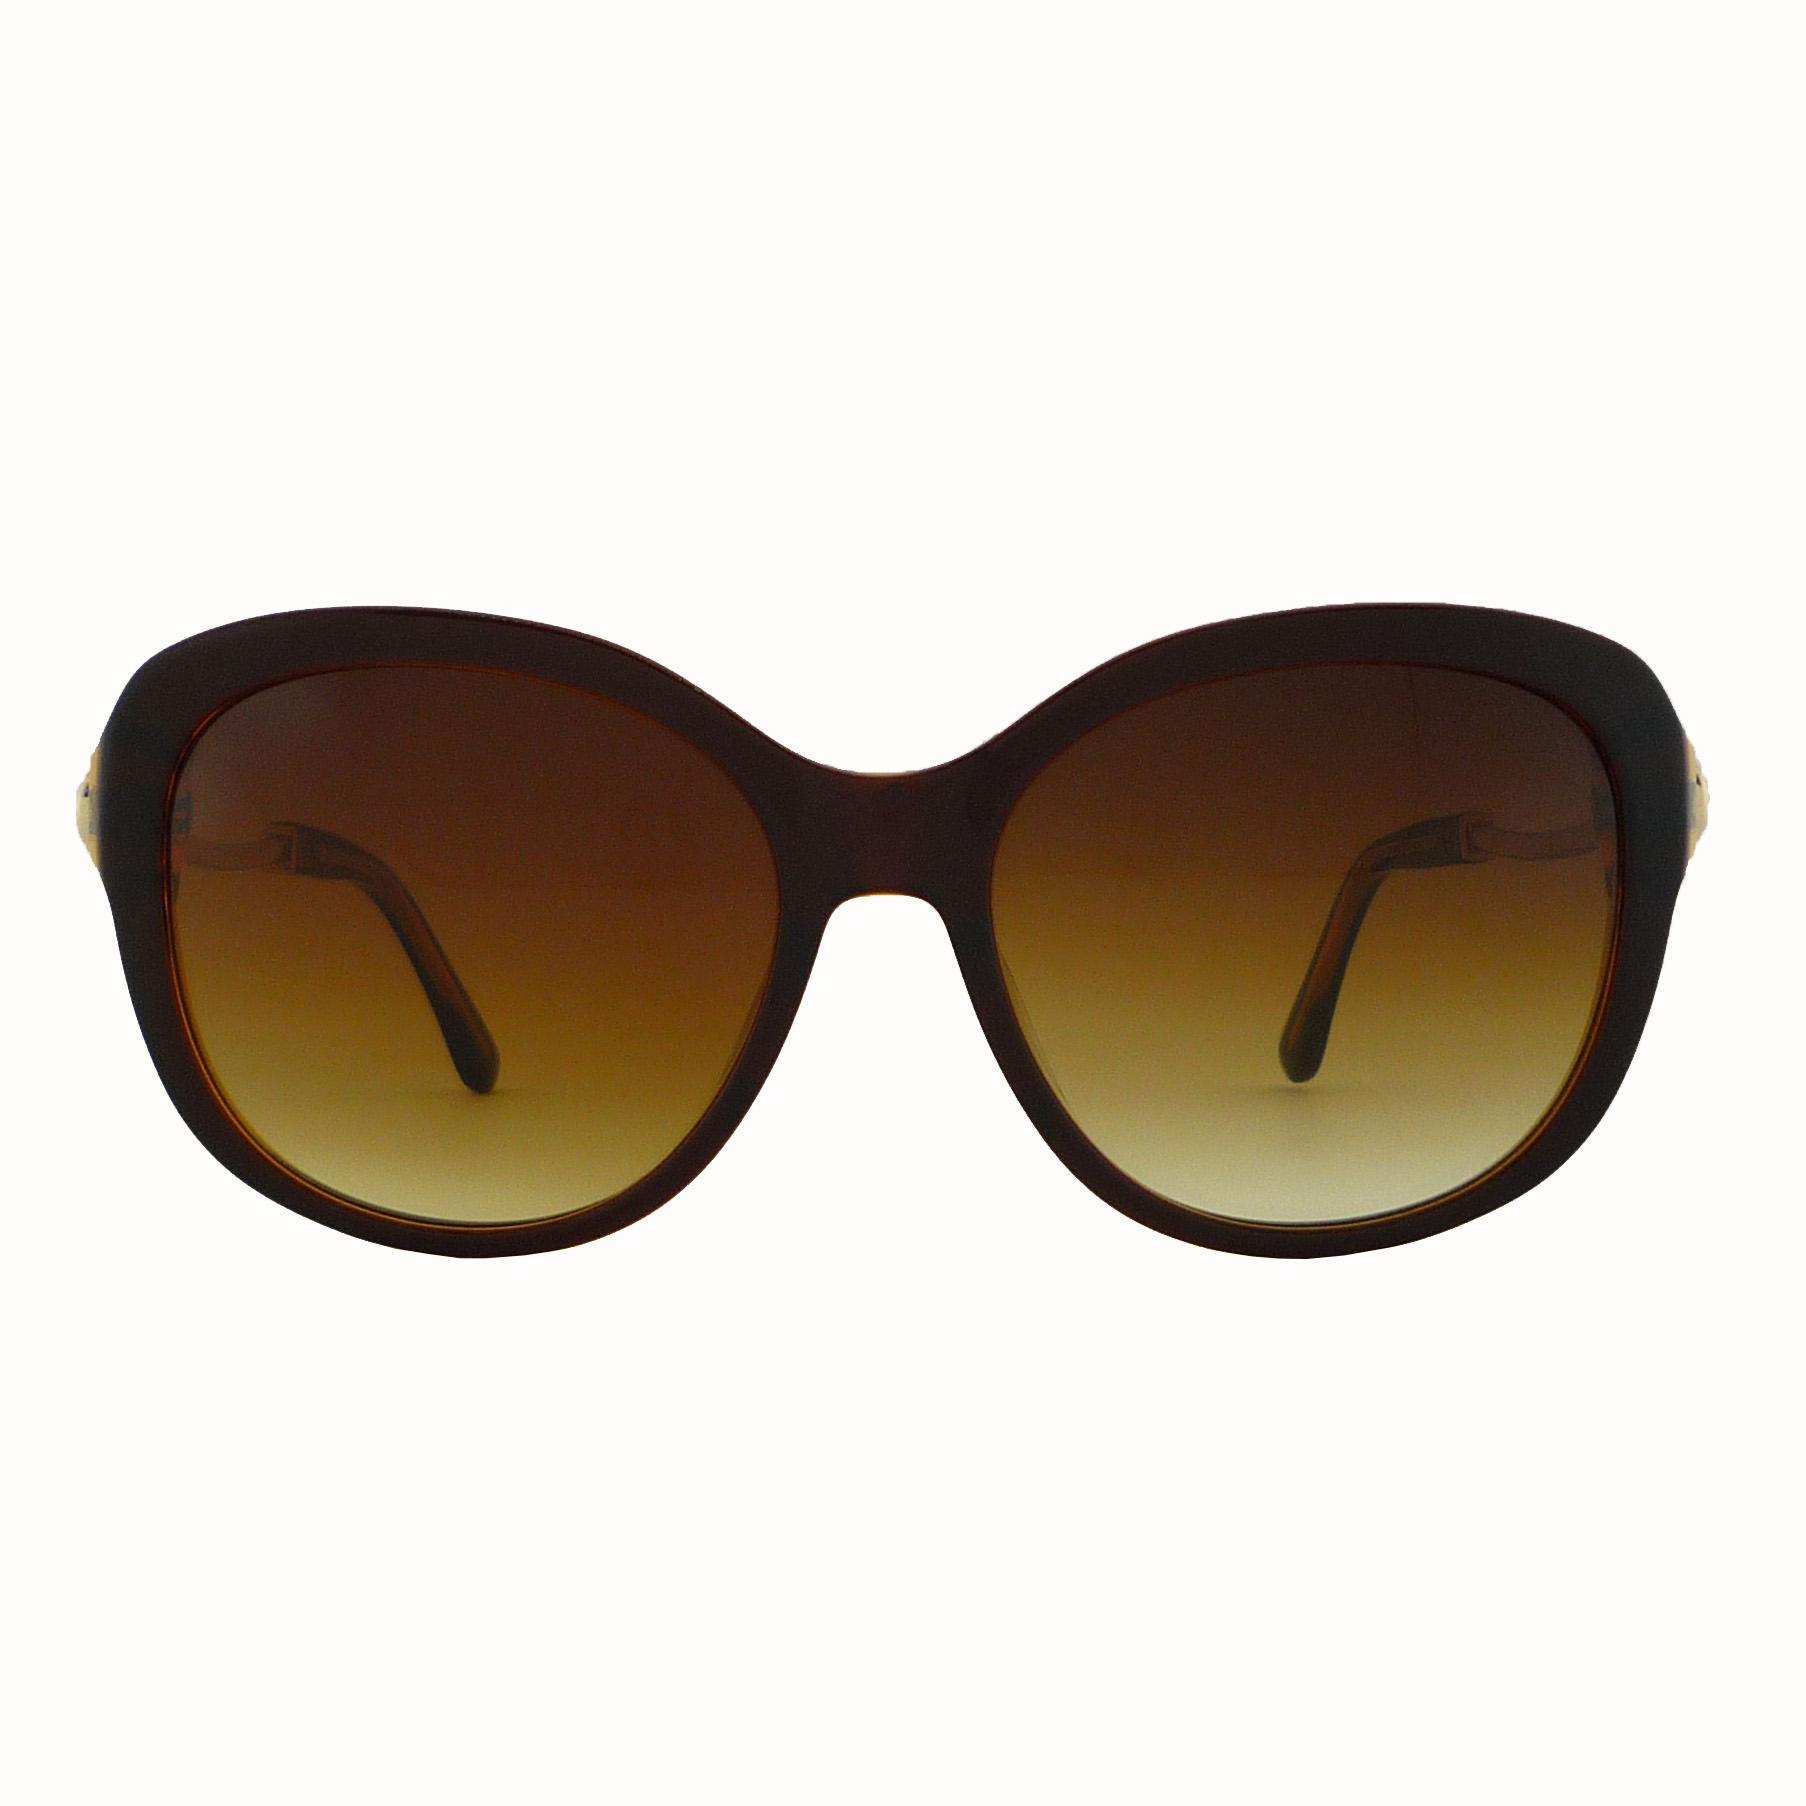 عینک آفتابی بولگاری مدل BV8319B-506/3C